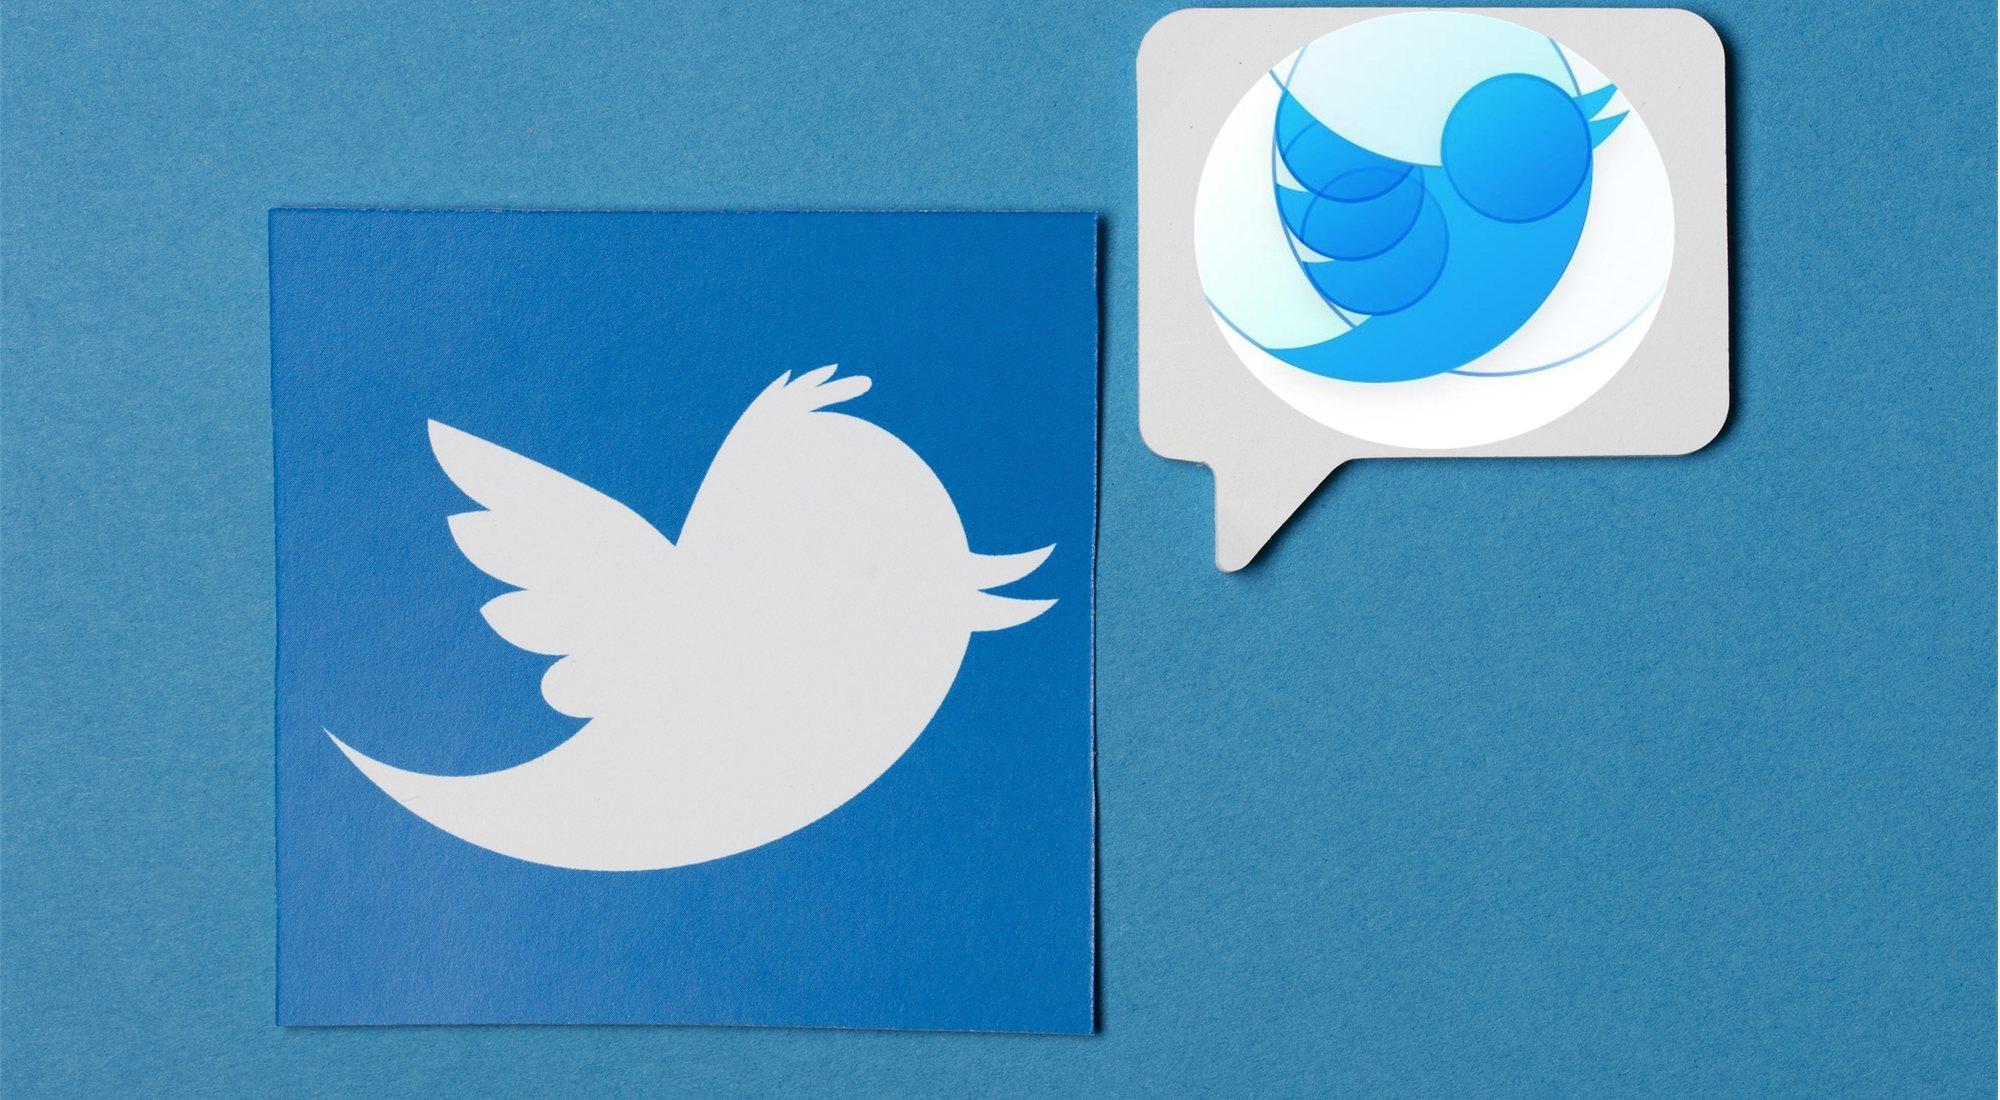 Todo lo que debes saber de 'Twttr', la app beta de Twitter que lo cambiará todo